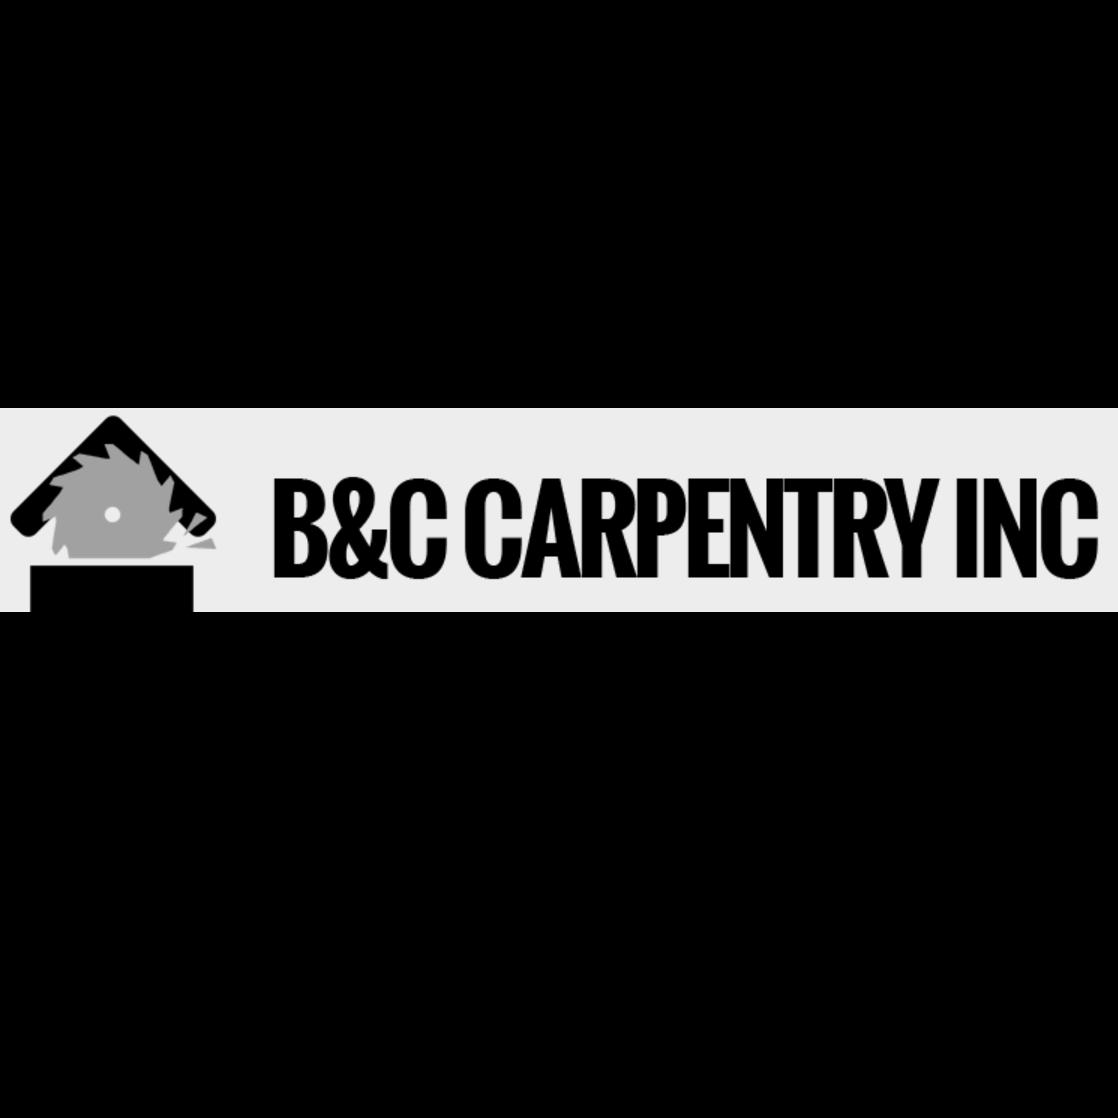 B&C Carpentry Inc.